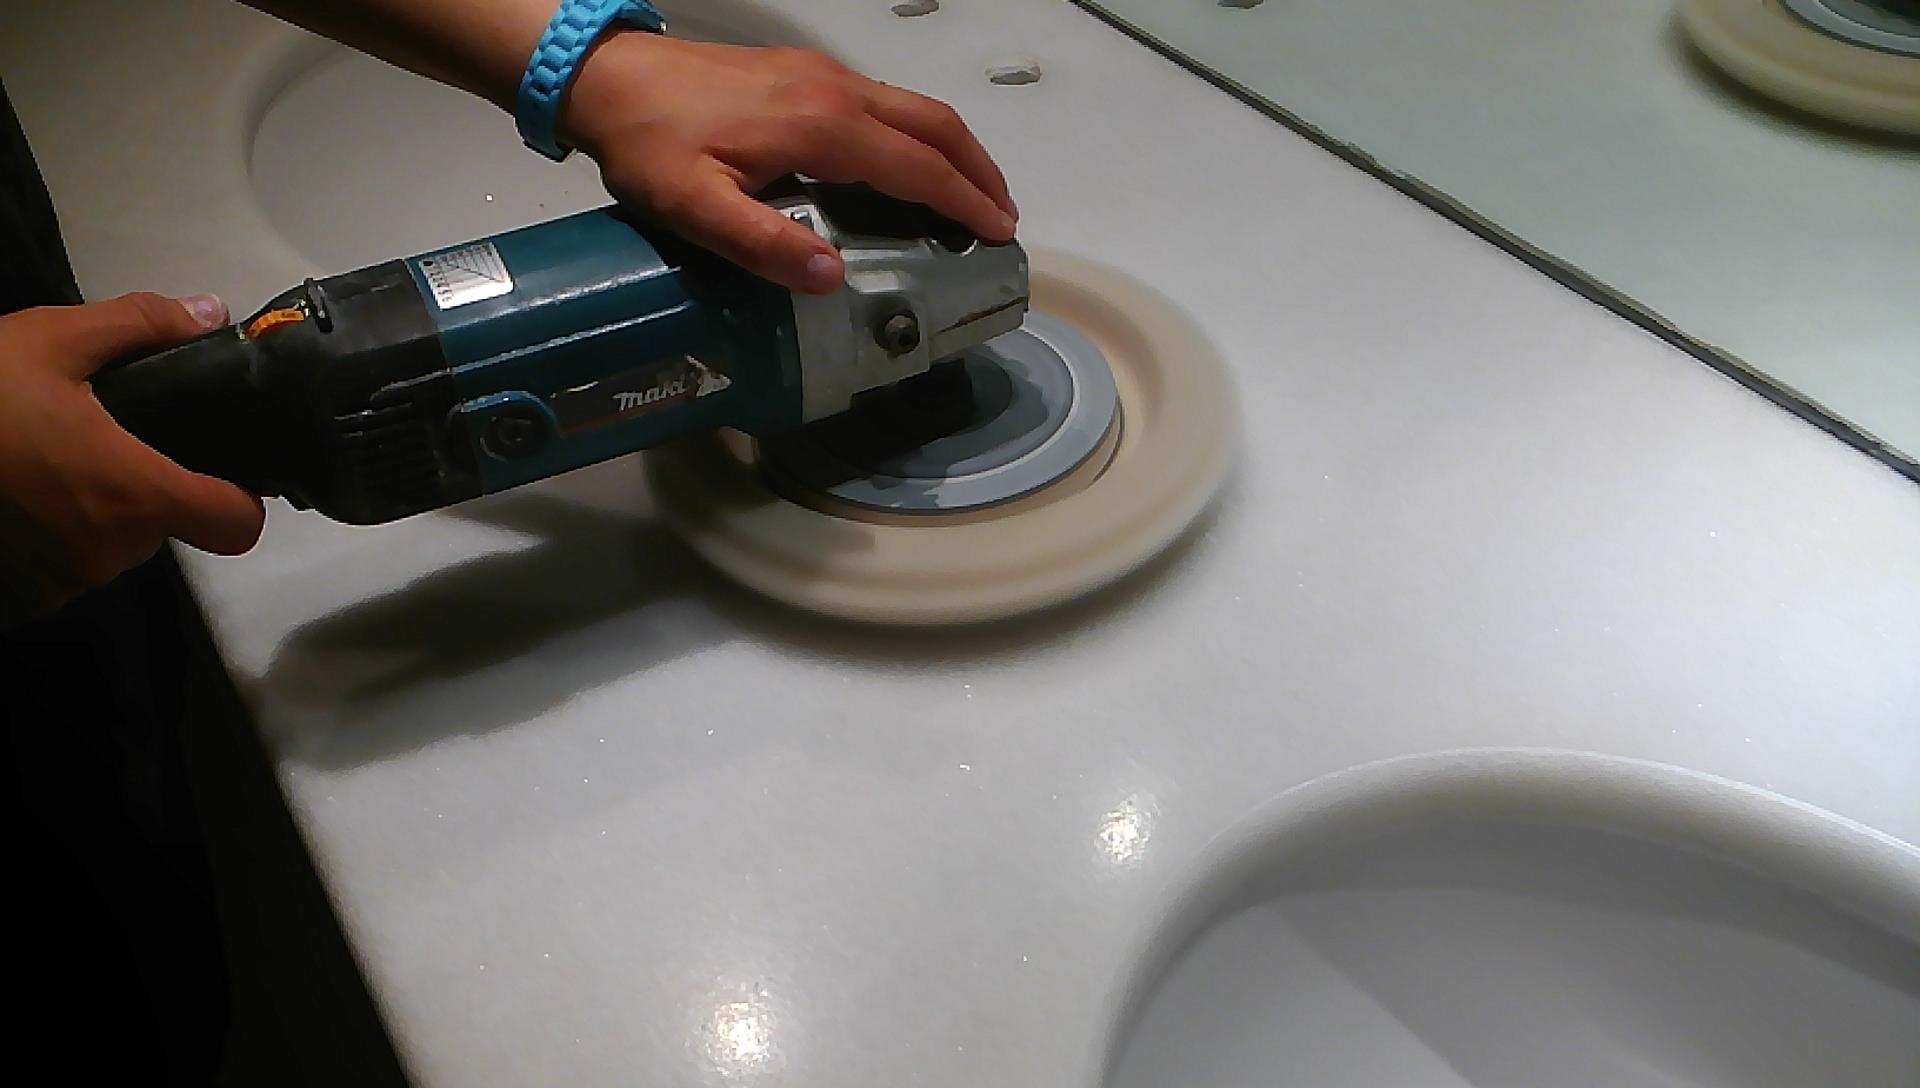 Lucidatura e cristallizzazione del top bagno - pulizieserviziroma.it